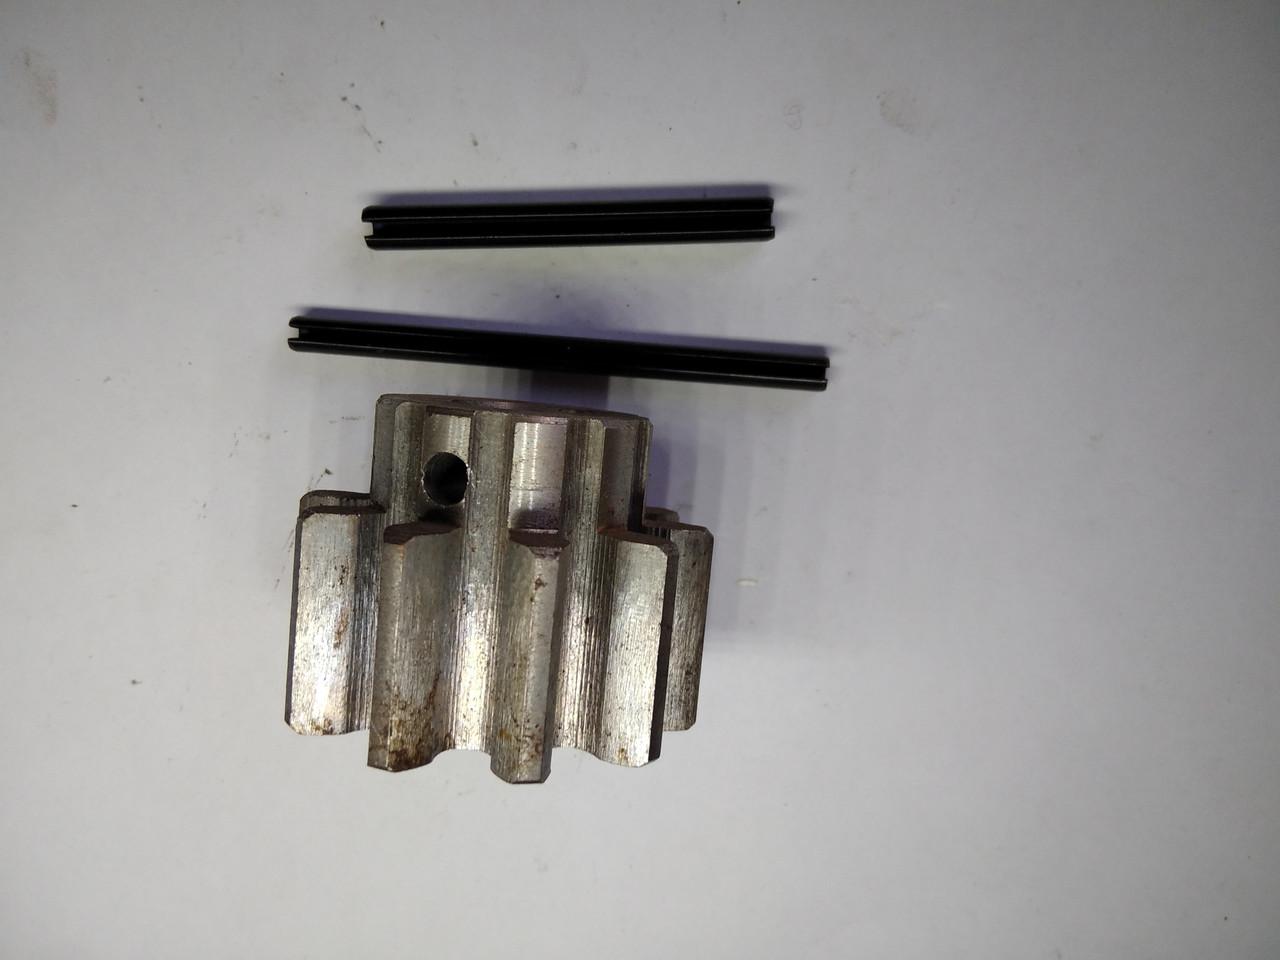 Шплинт саморазжимной для крепления шестерни бетономешалки